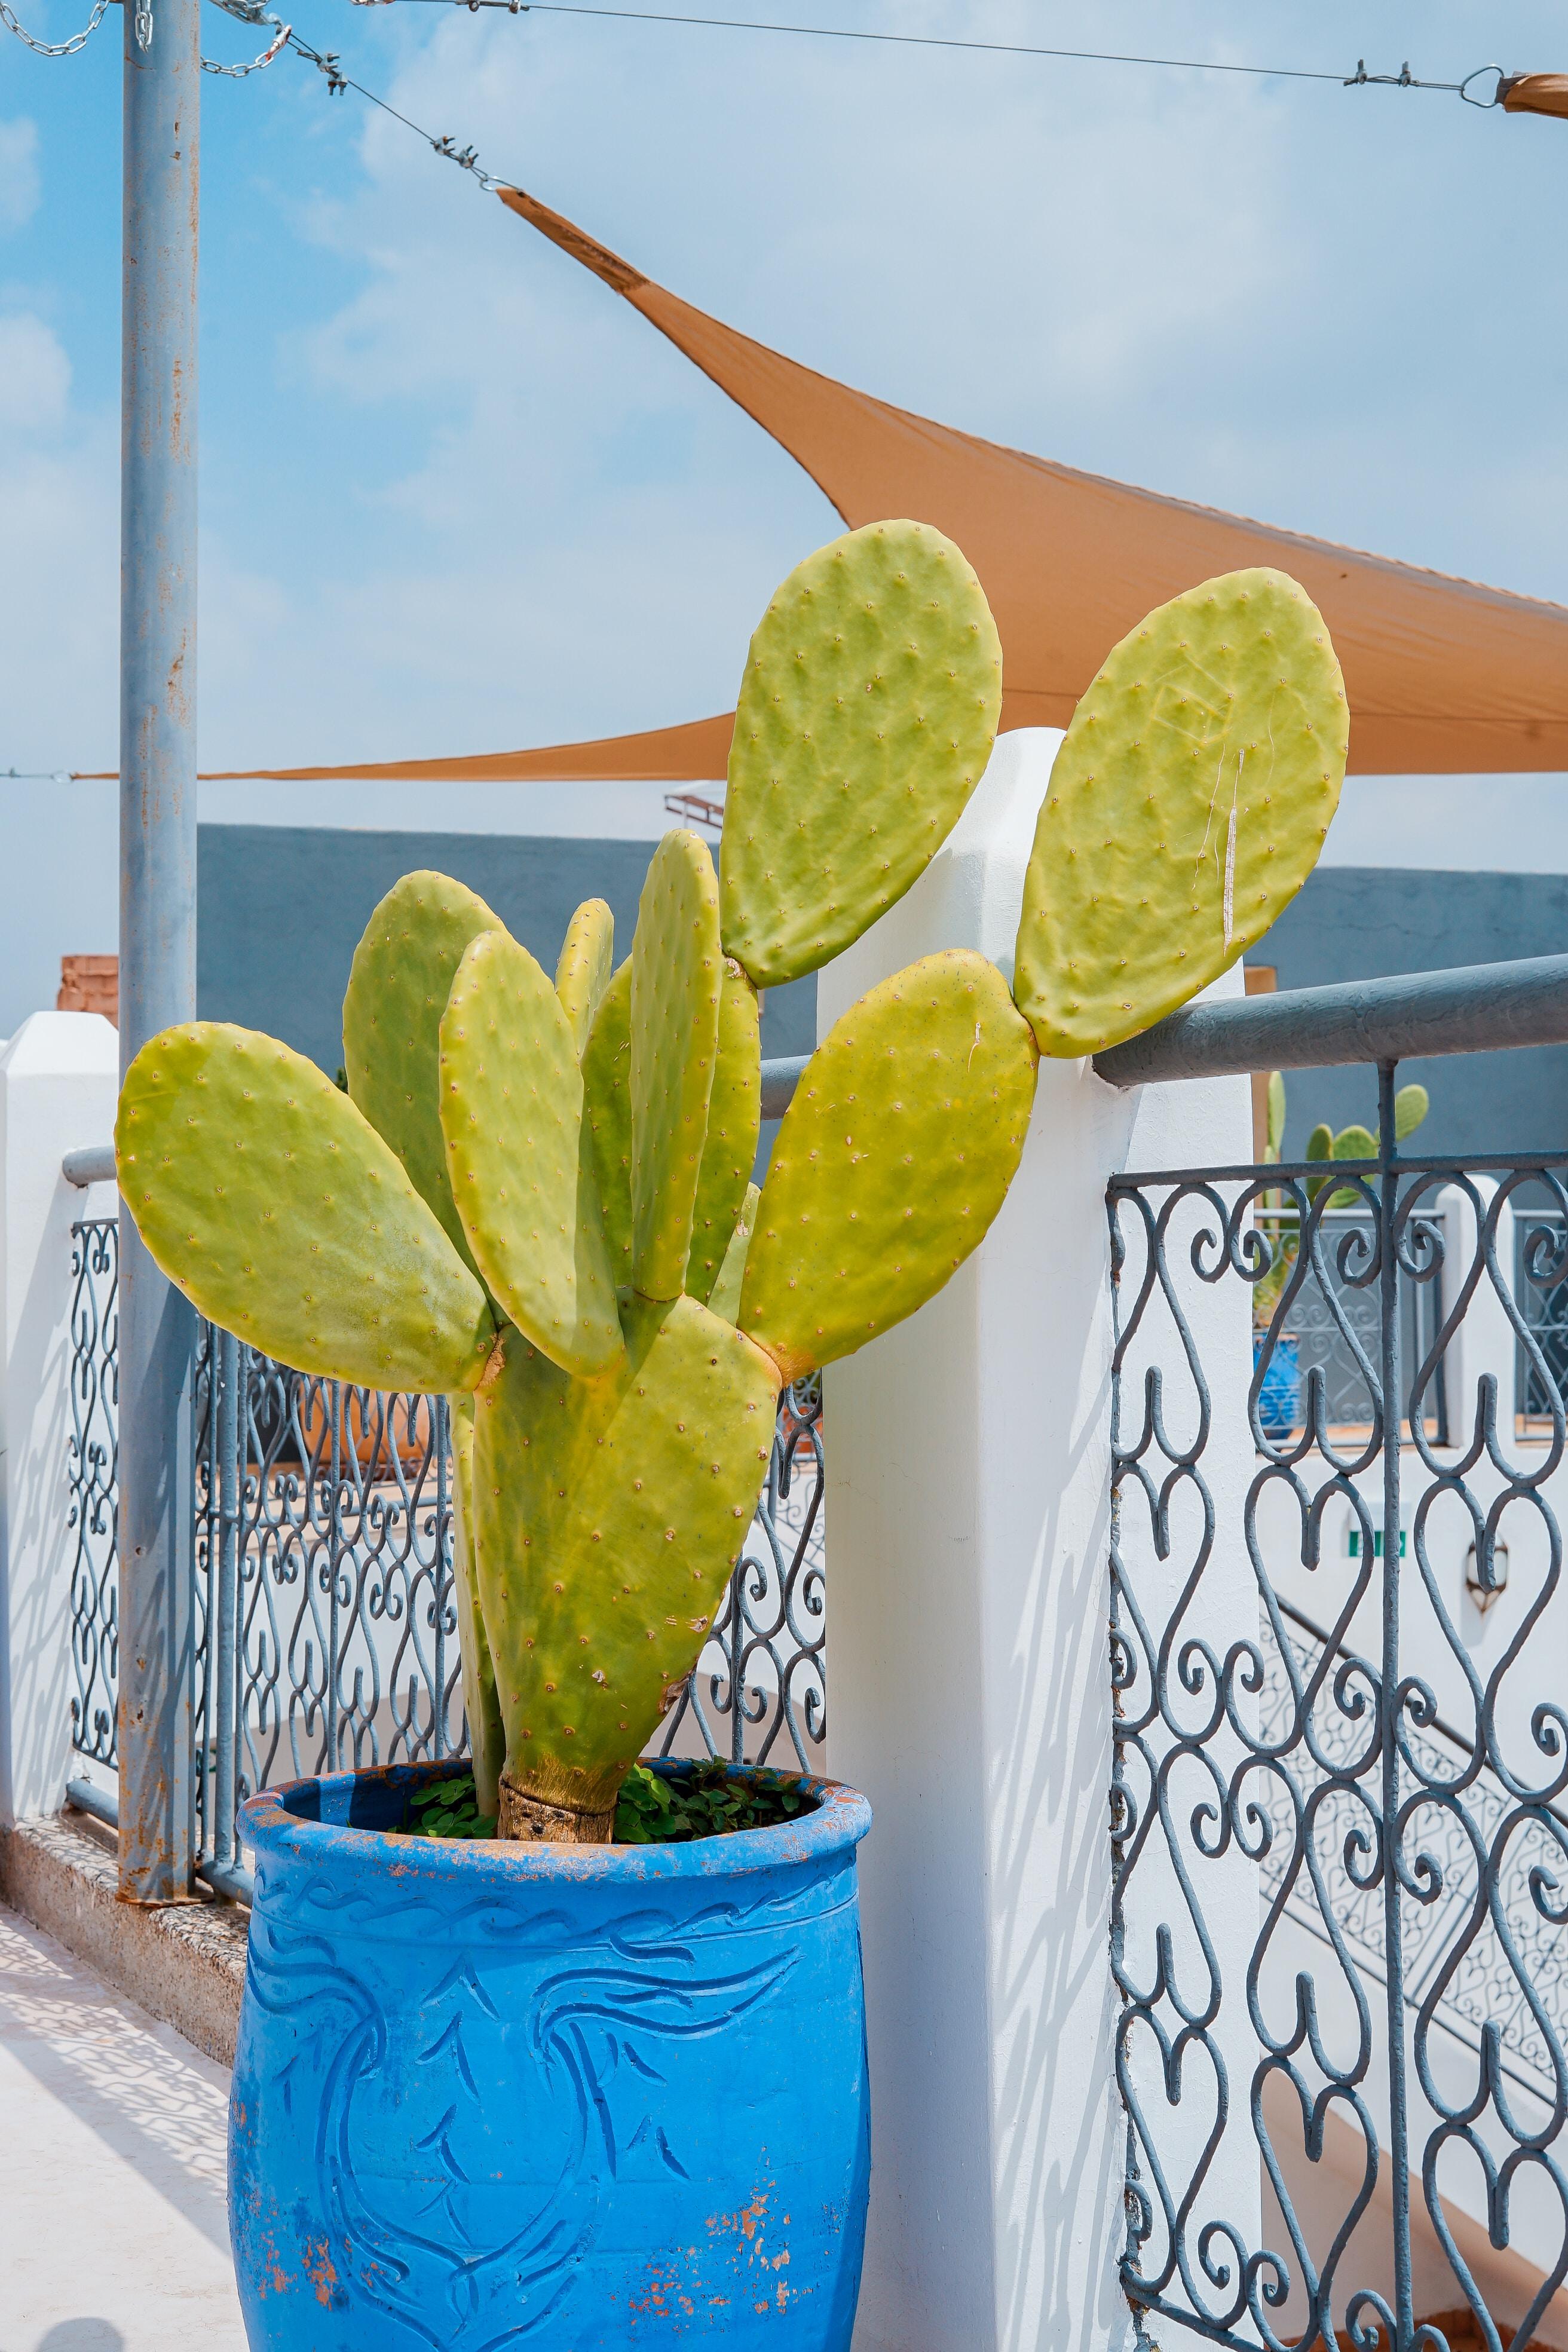 green cactus in blue pot near gate